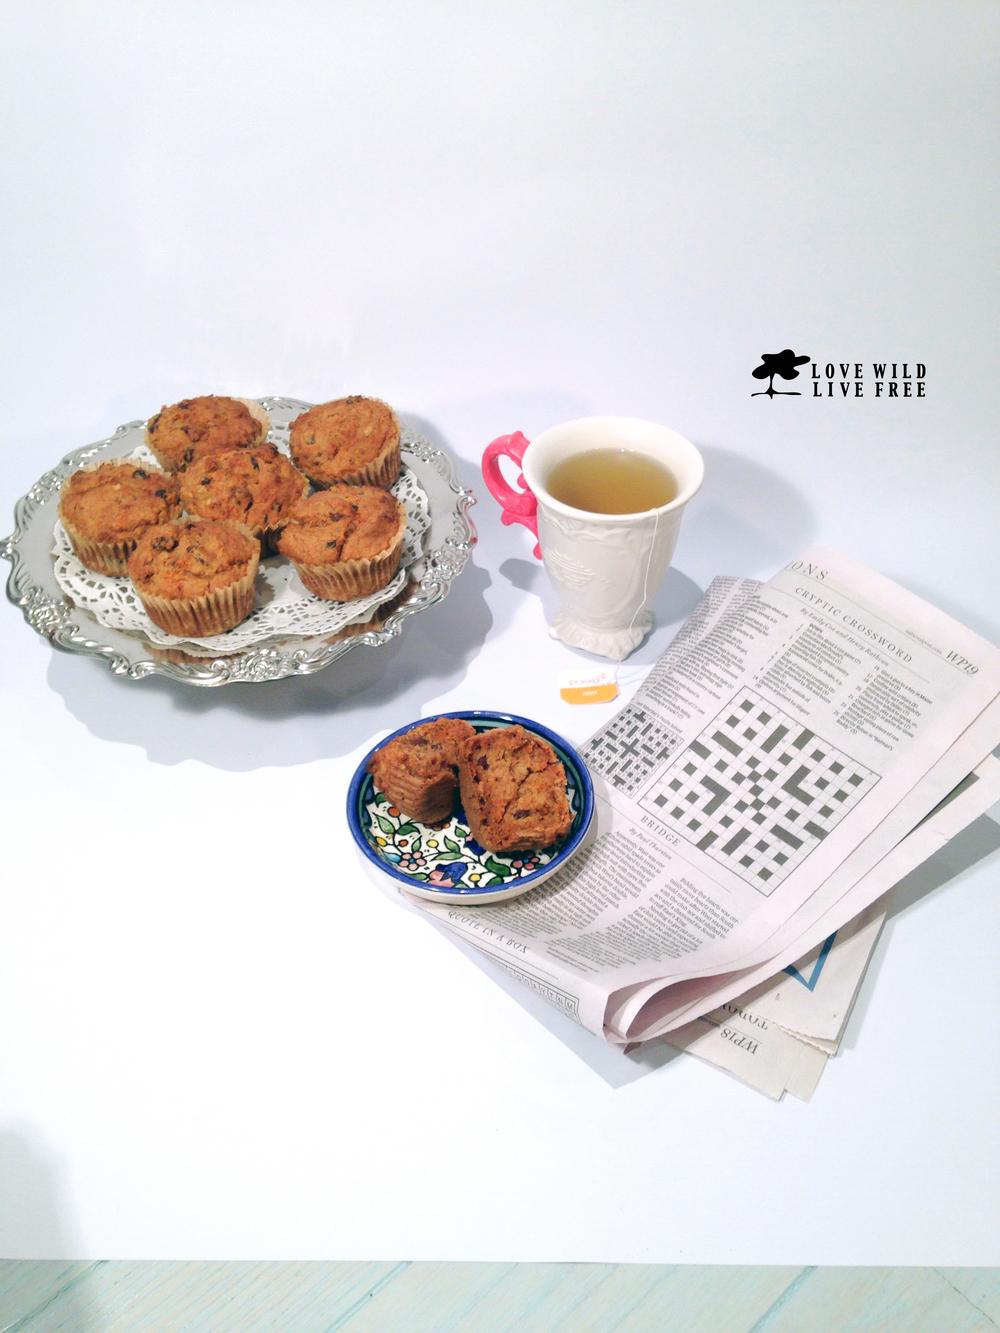 lovewildlivefree tea&muffin